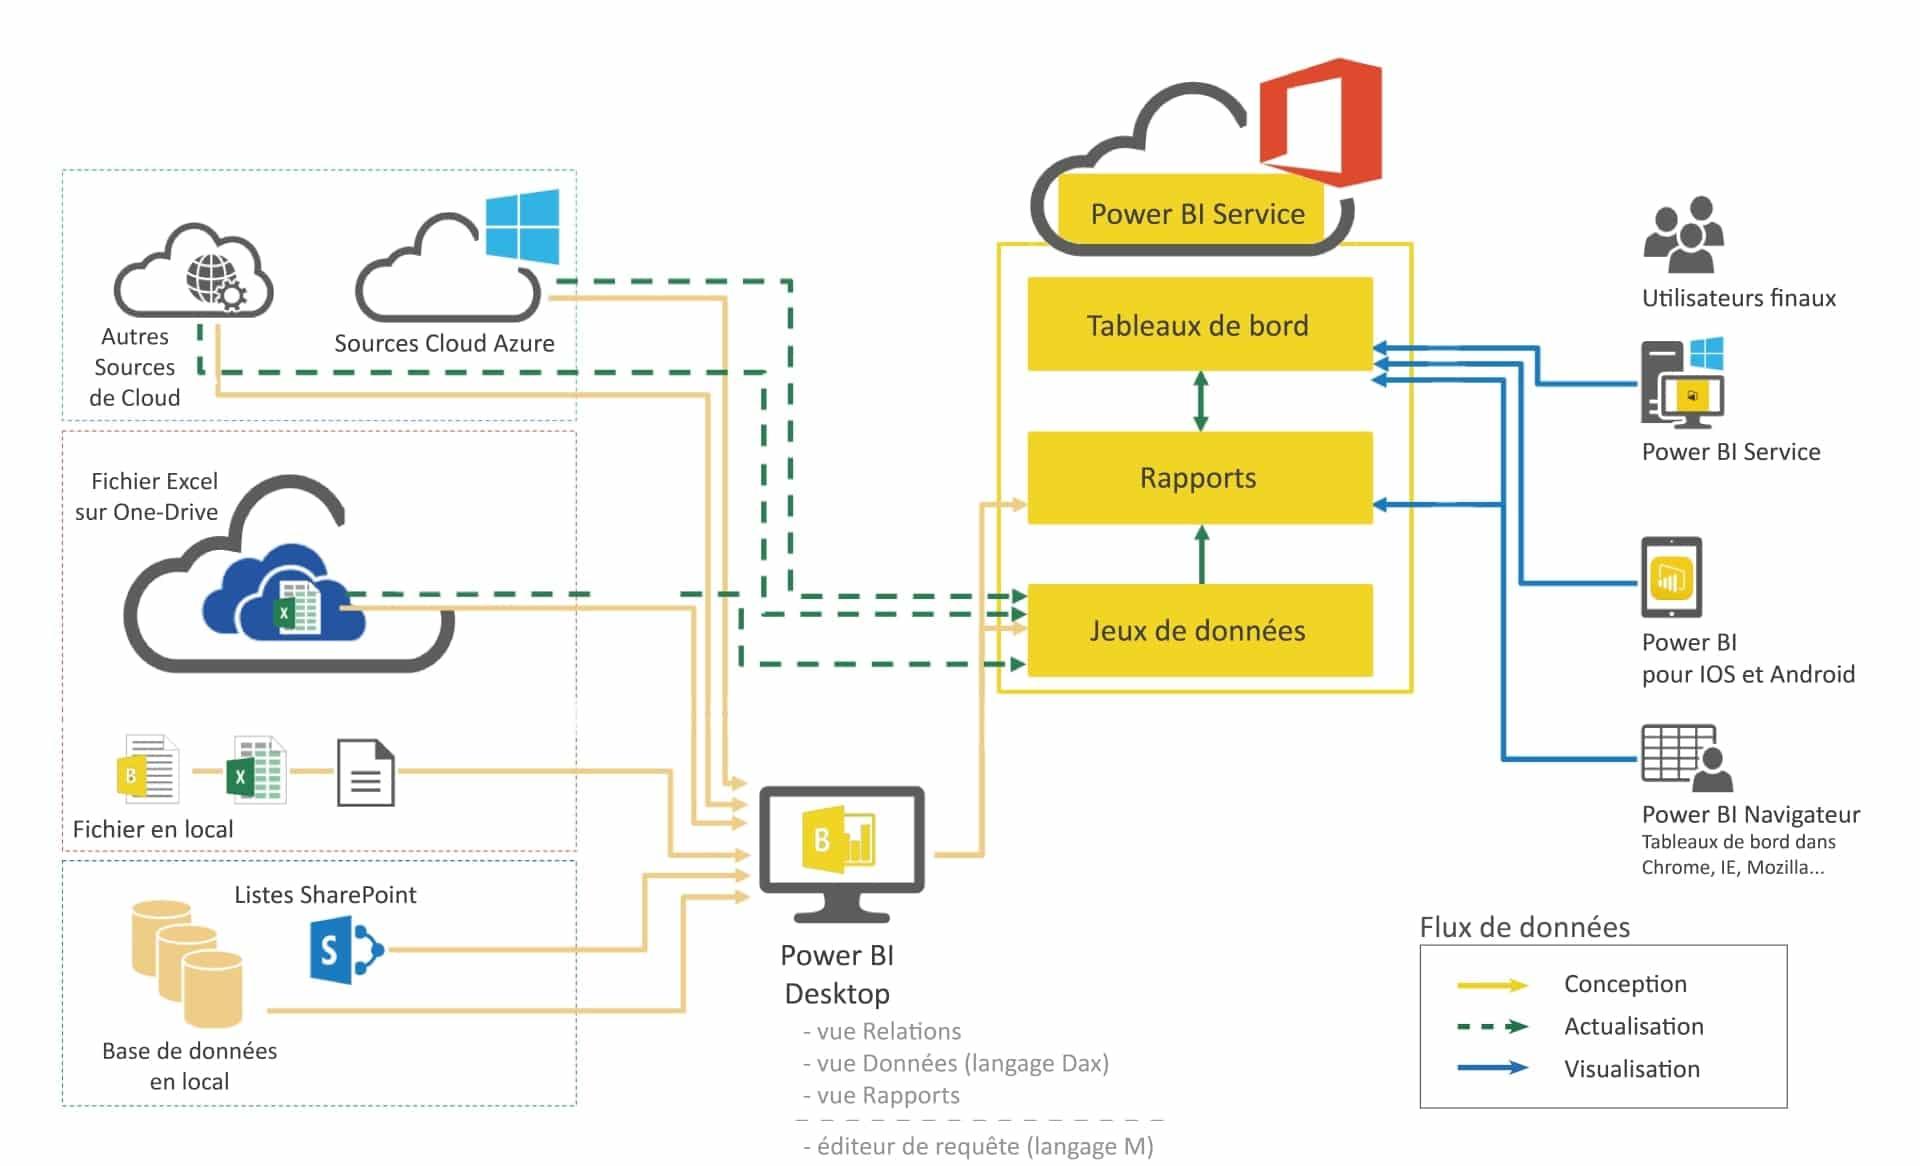 Architecture de Microsoft Power BI